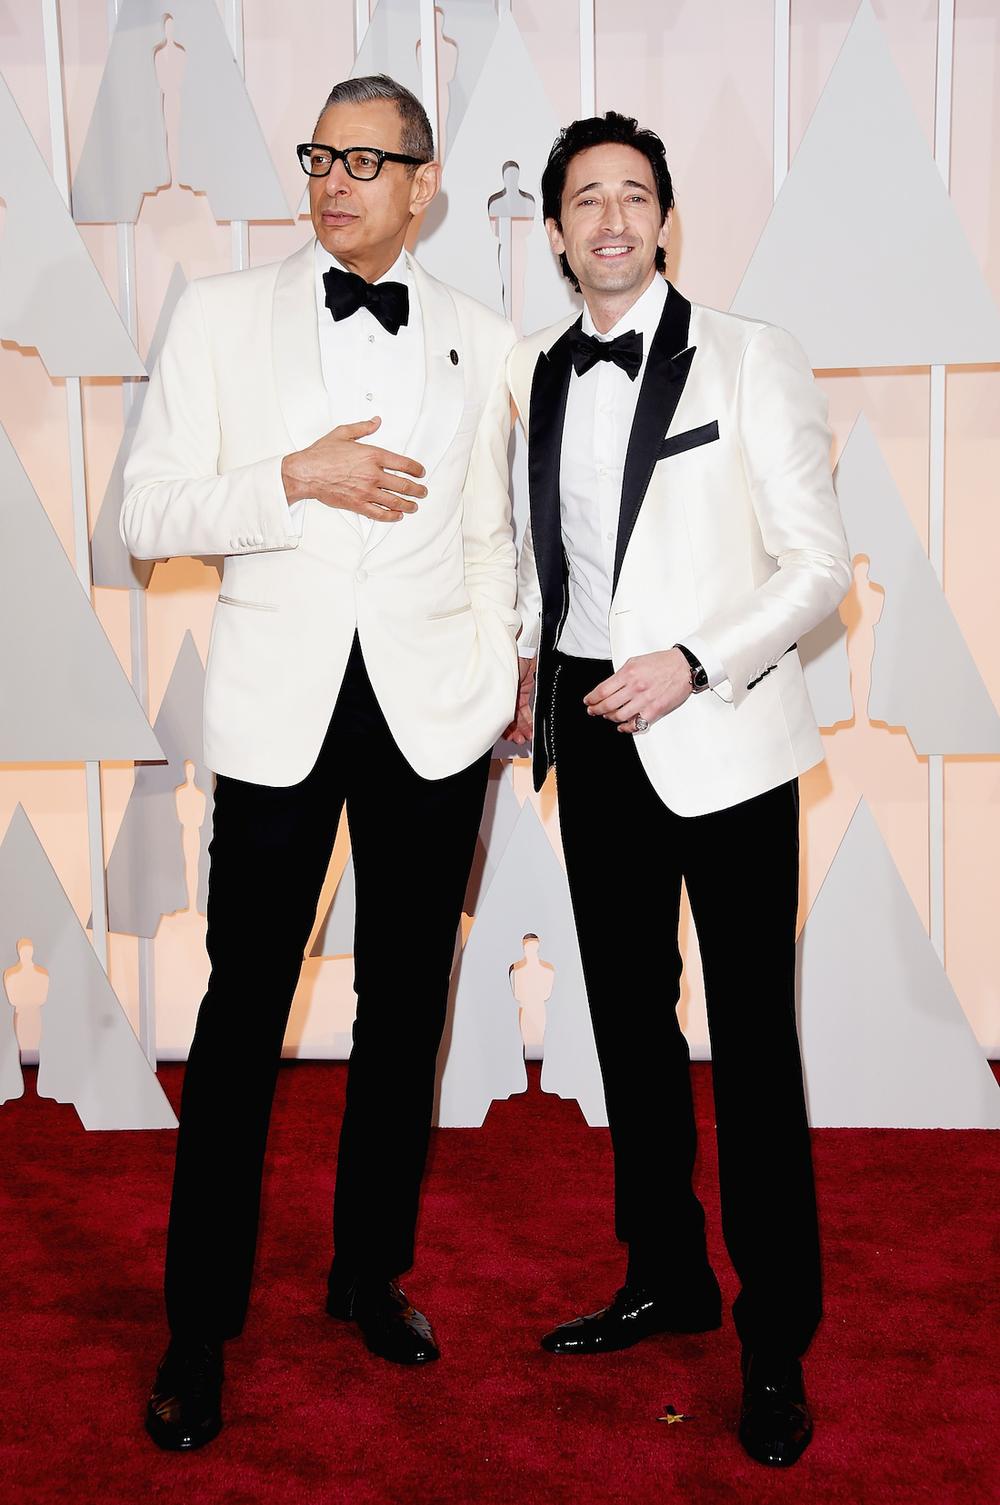 Jeff Goldblum e Adrien Brody entraram na onda no paletó branco. Confessamos que preferimos o primeiro, mais discreto e sem tantos contrastes. De qualquer forma, a dupla foi um dos pontos altos do Oscar 2015 mesmo sem estarem indicados em nenhuma categoria.